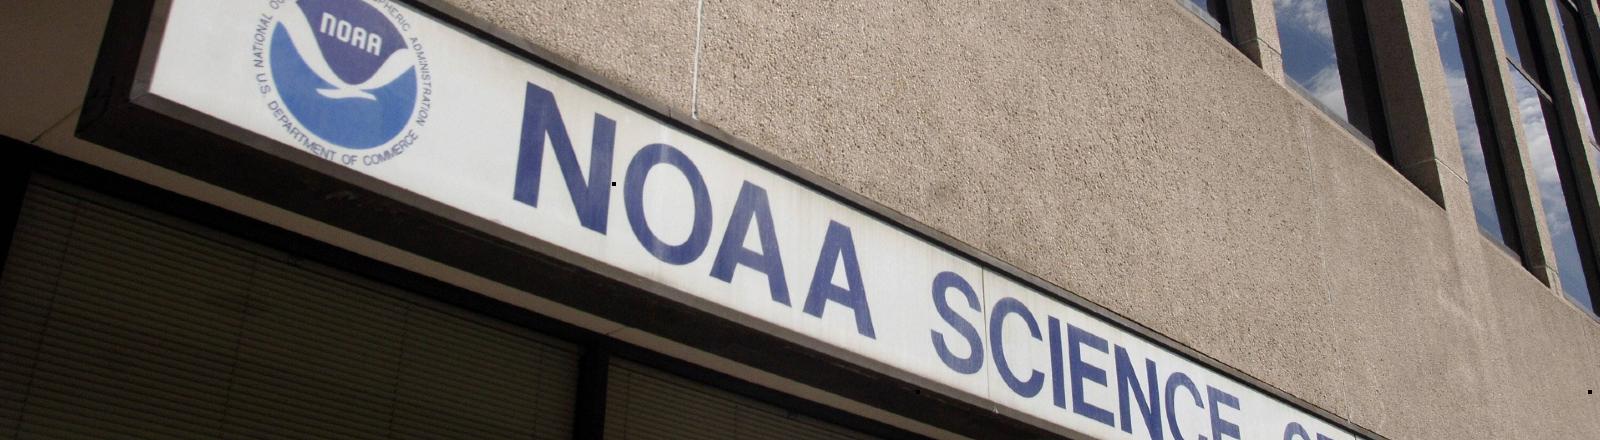 Gebäude der NOAA.